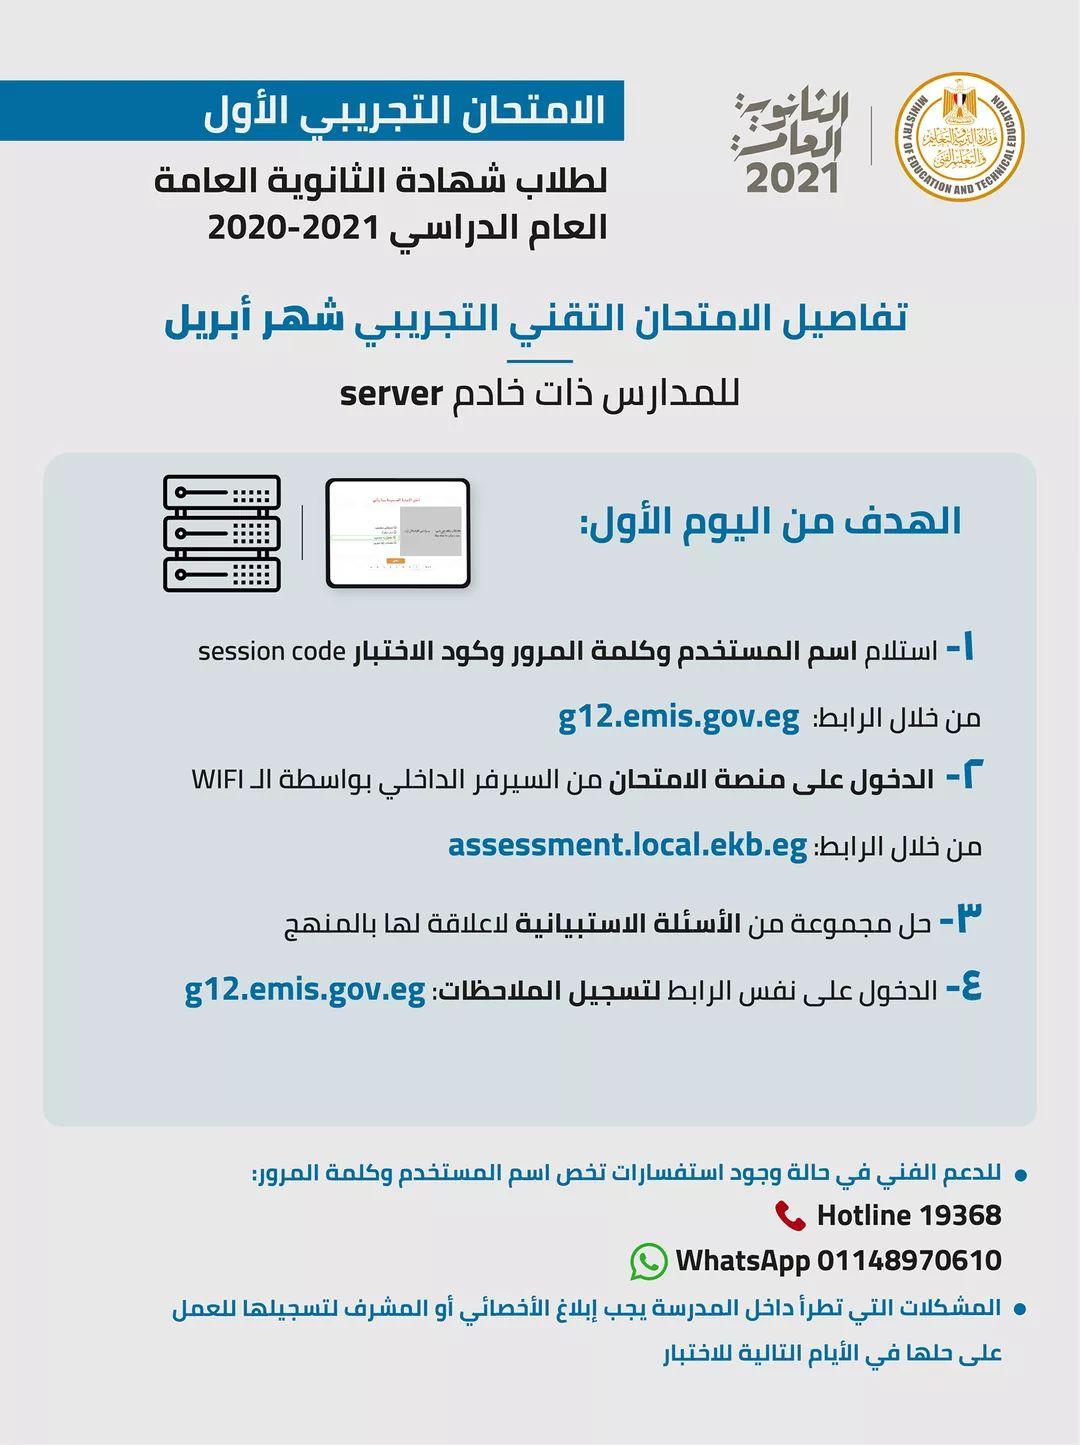 «التعليم» تحدد الفئات المستهدفة من الامتحان التقني التجريبي